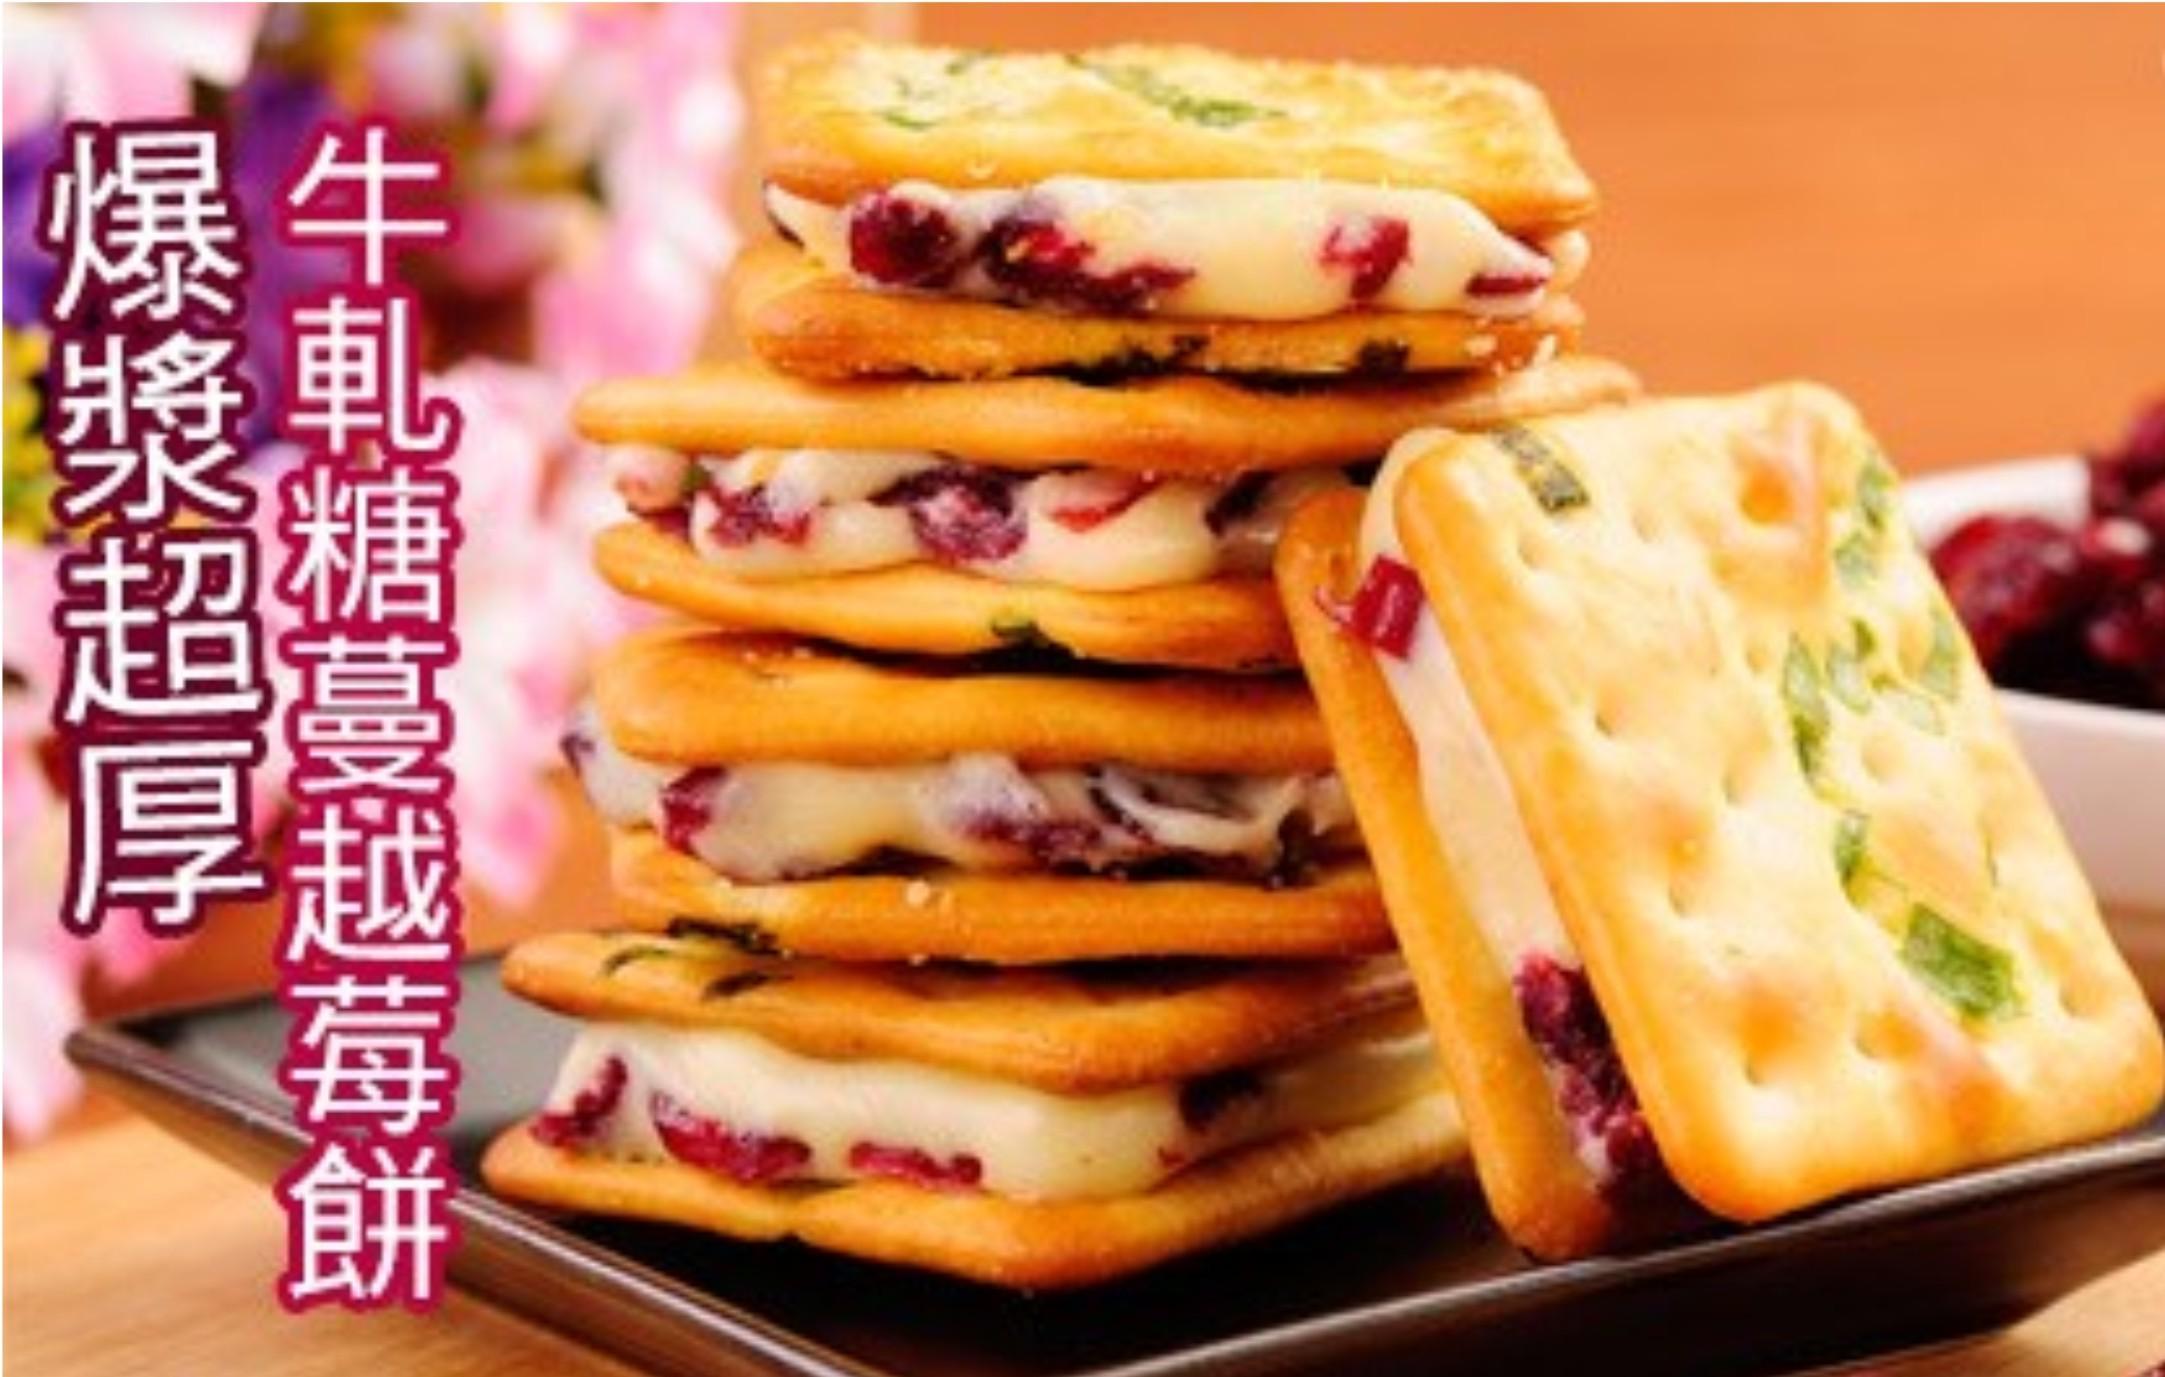 【蘿蒂烘焙坊】爆漿香酥厚實牛軋糖蔓越莓夾心餅(低糖/低熱量)(可備註加購手提紙袋2元)